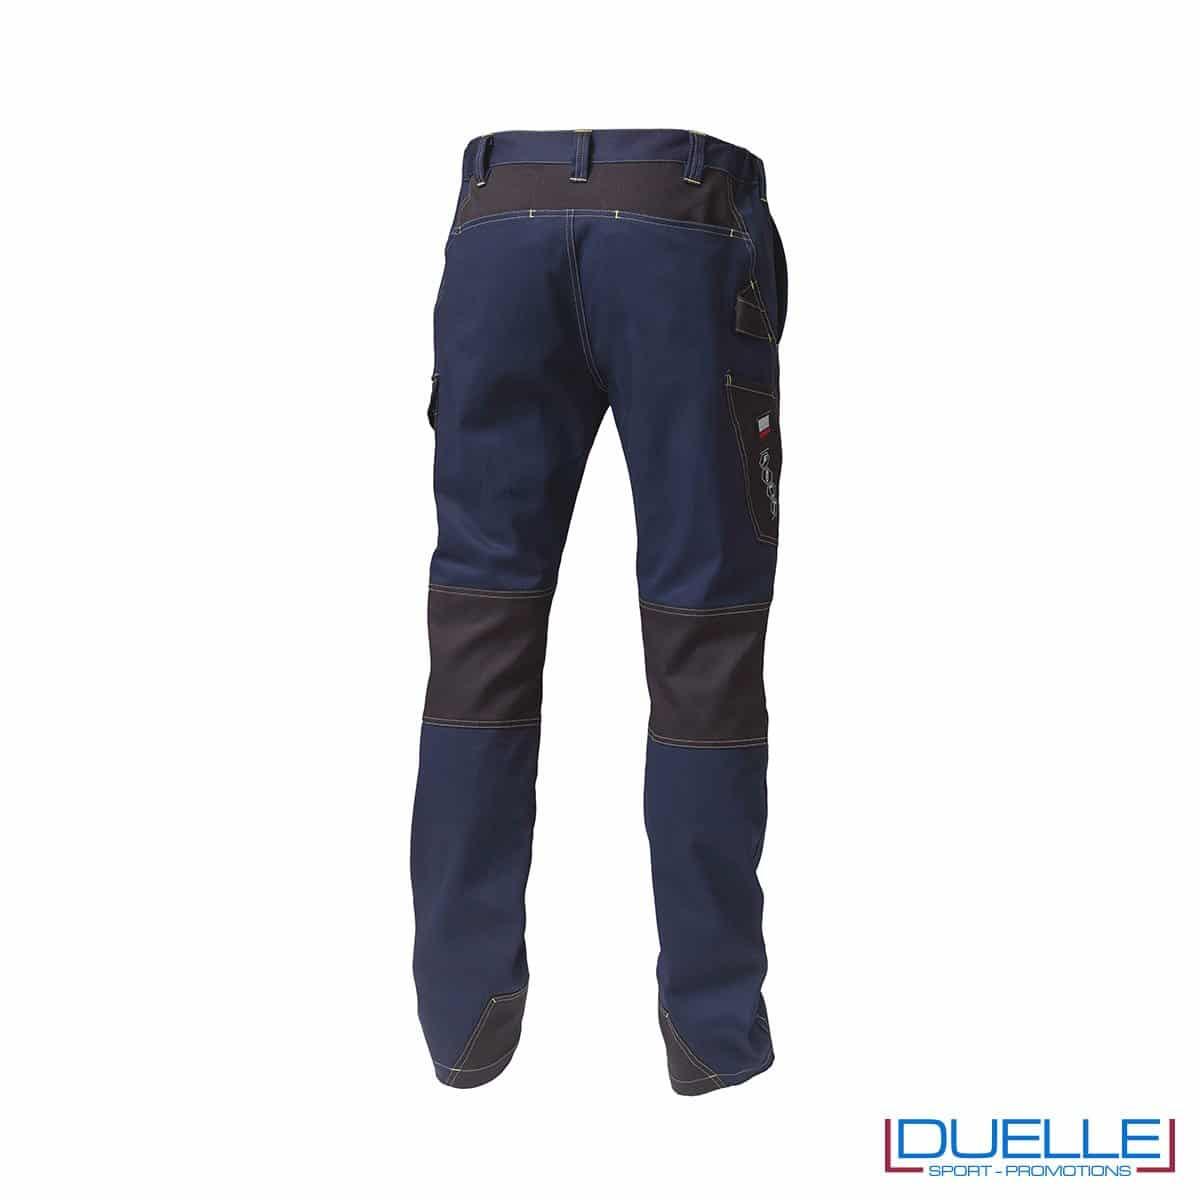 Pantalone da lavoro personalizzato BLU retro